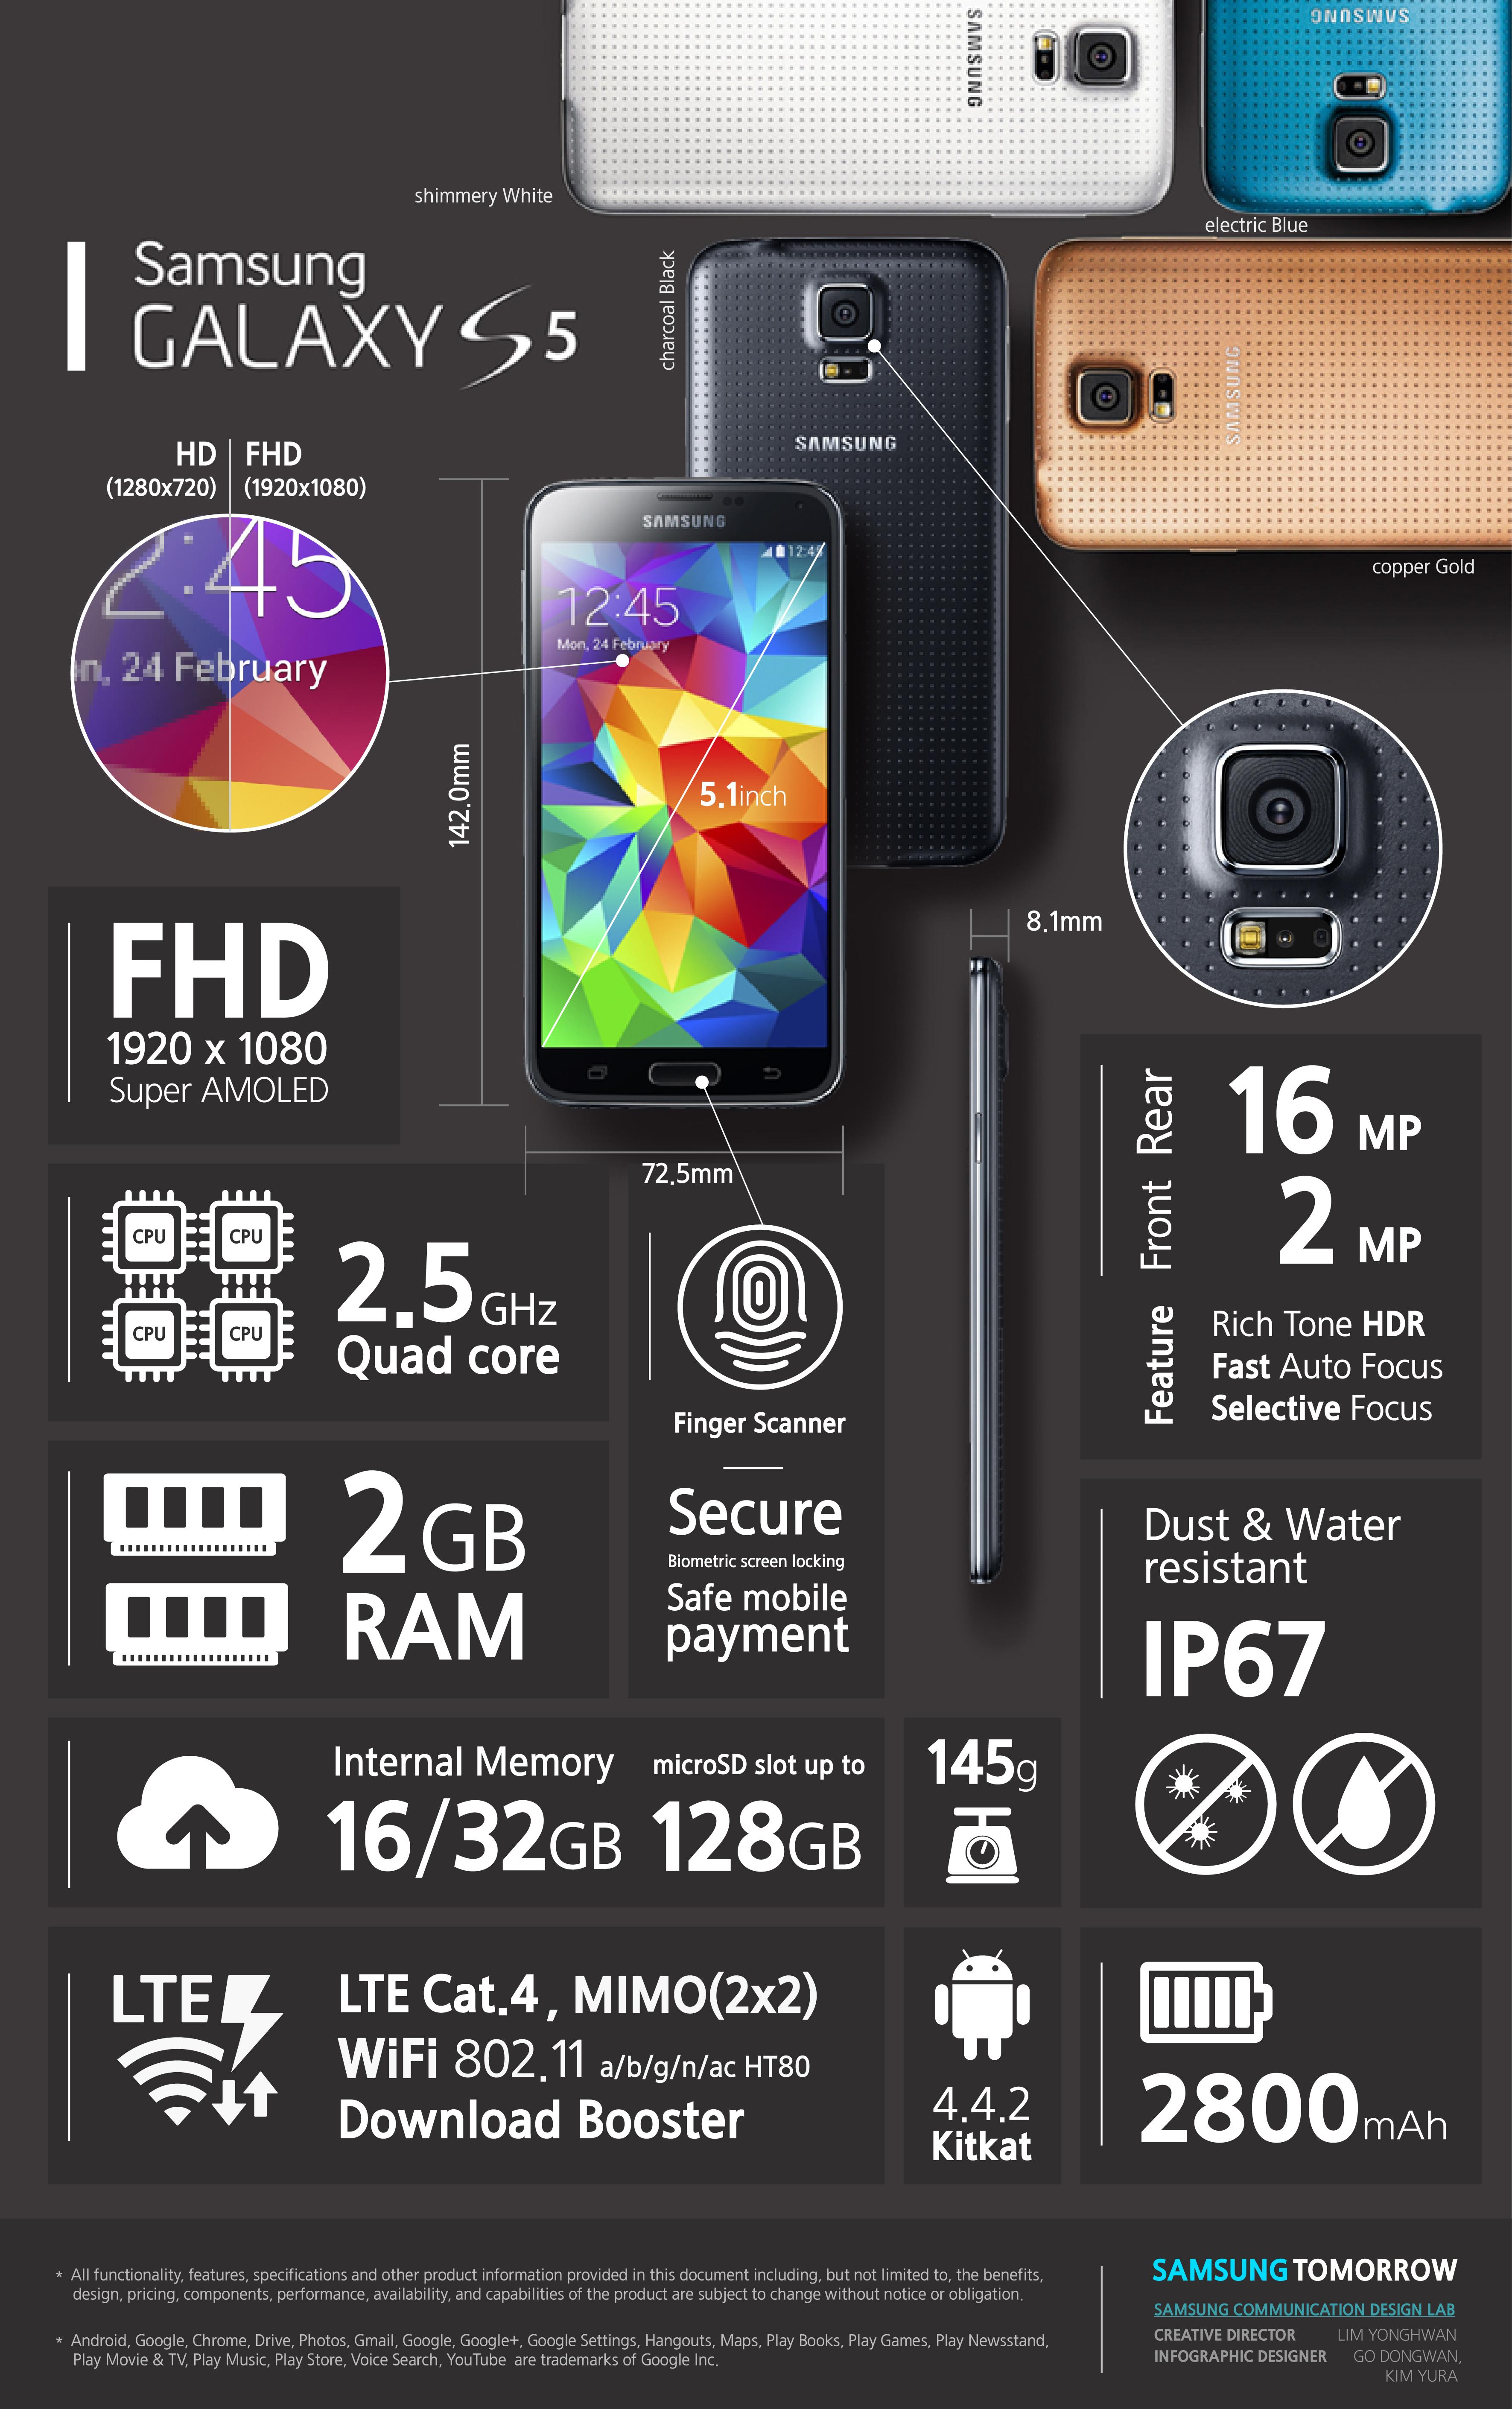 Samsung Unpacked 2014: Samsung Galaxy S5